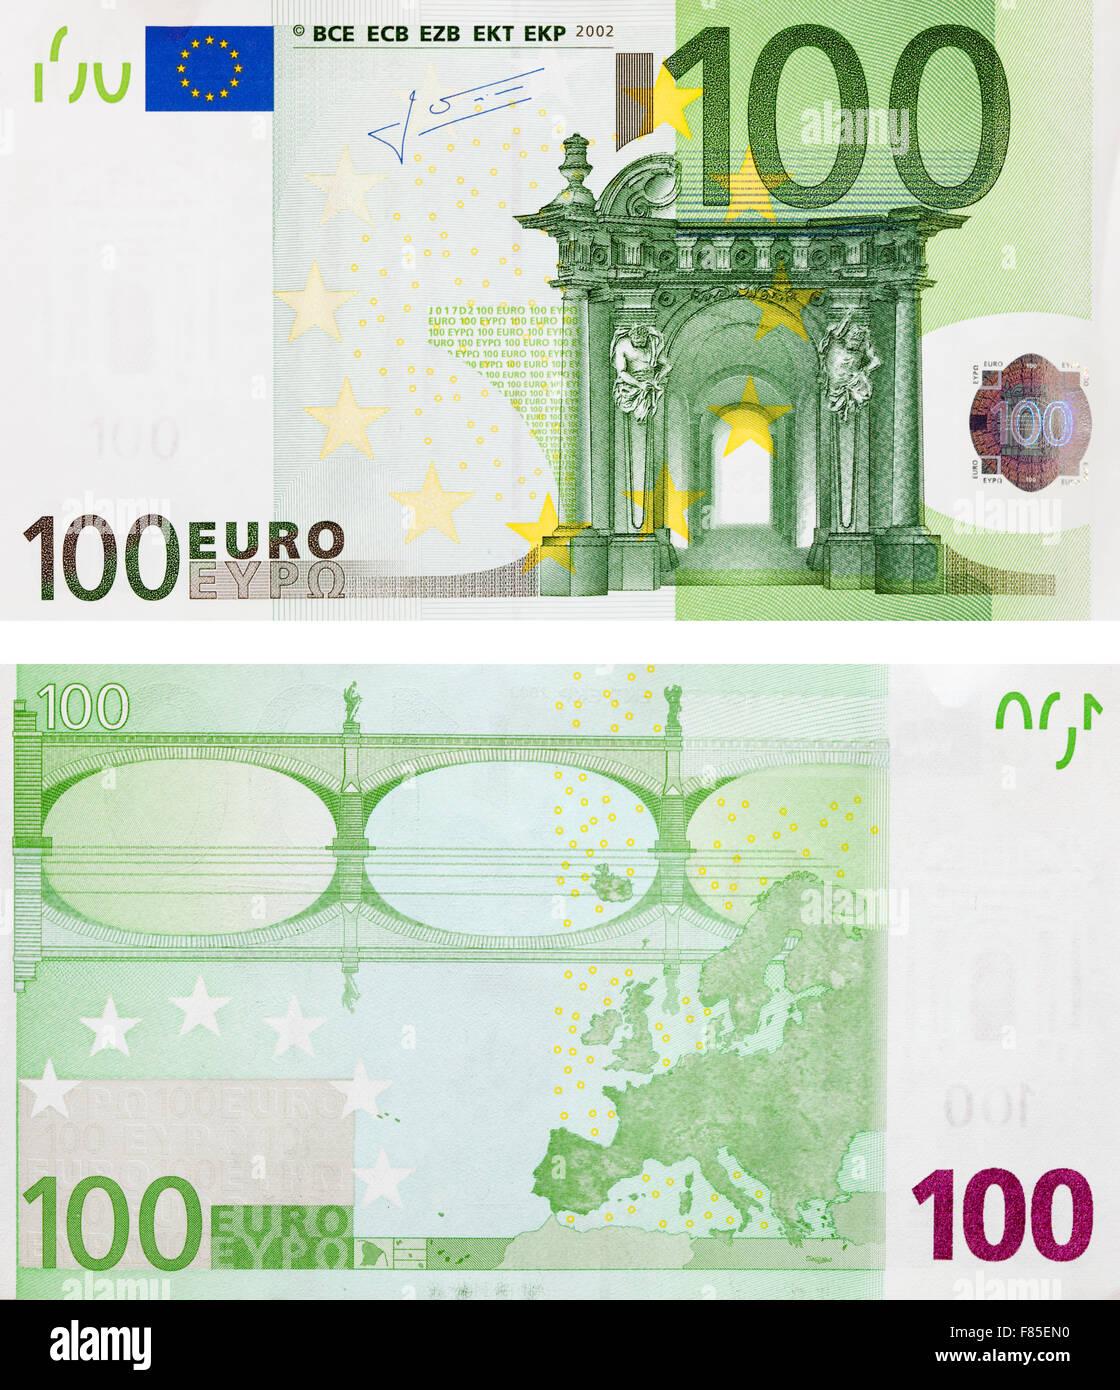 hundert euro neue banknoten vorder und r ckseite stockfoto bild 91090412 alamy. Black Bedroom Furniture Sets. Home Design Ideas